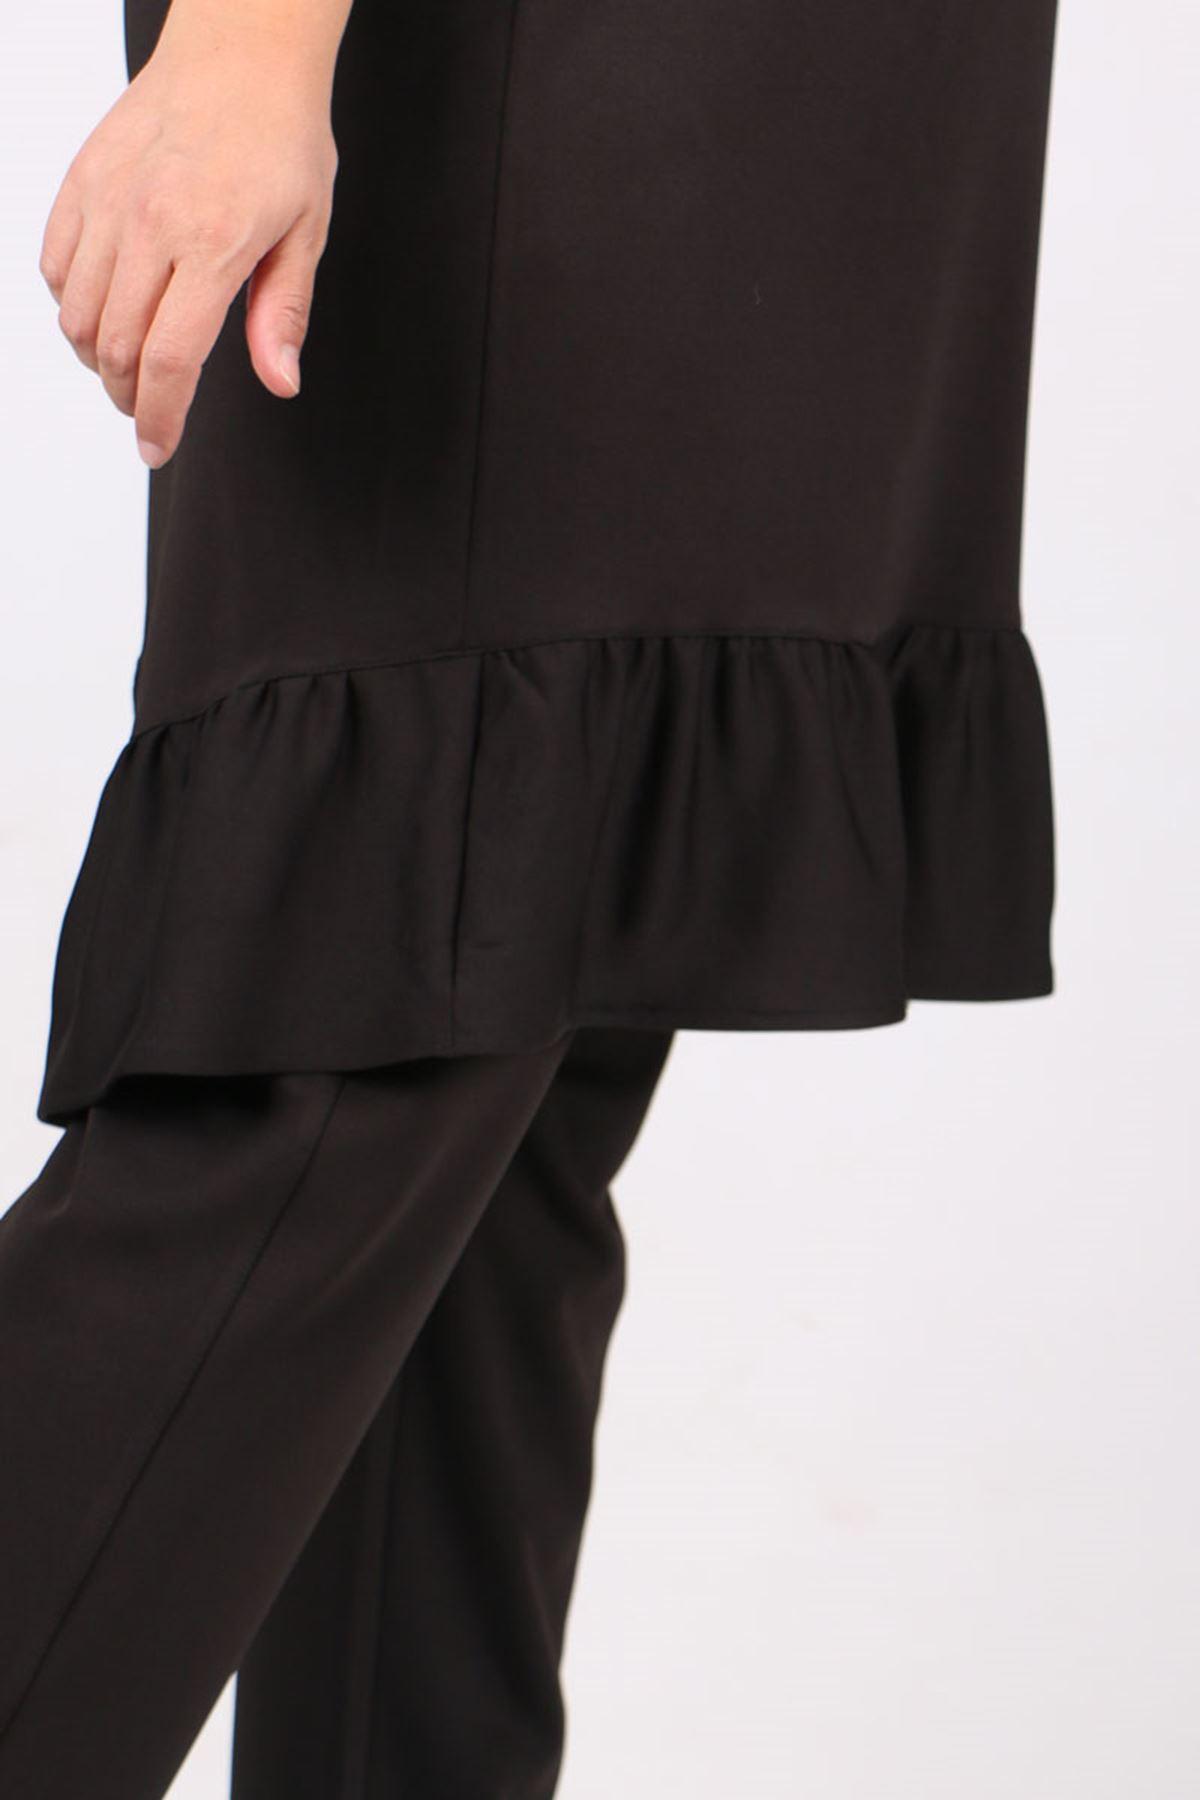 7714 Büyük Beden Scuba Kapüşonlu  Pantolonlu Takım - Siyah